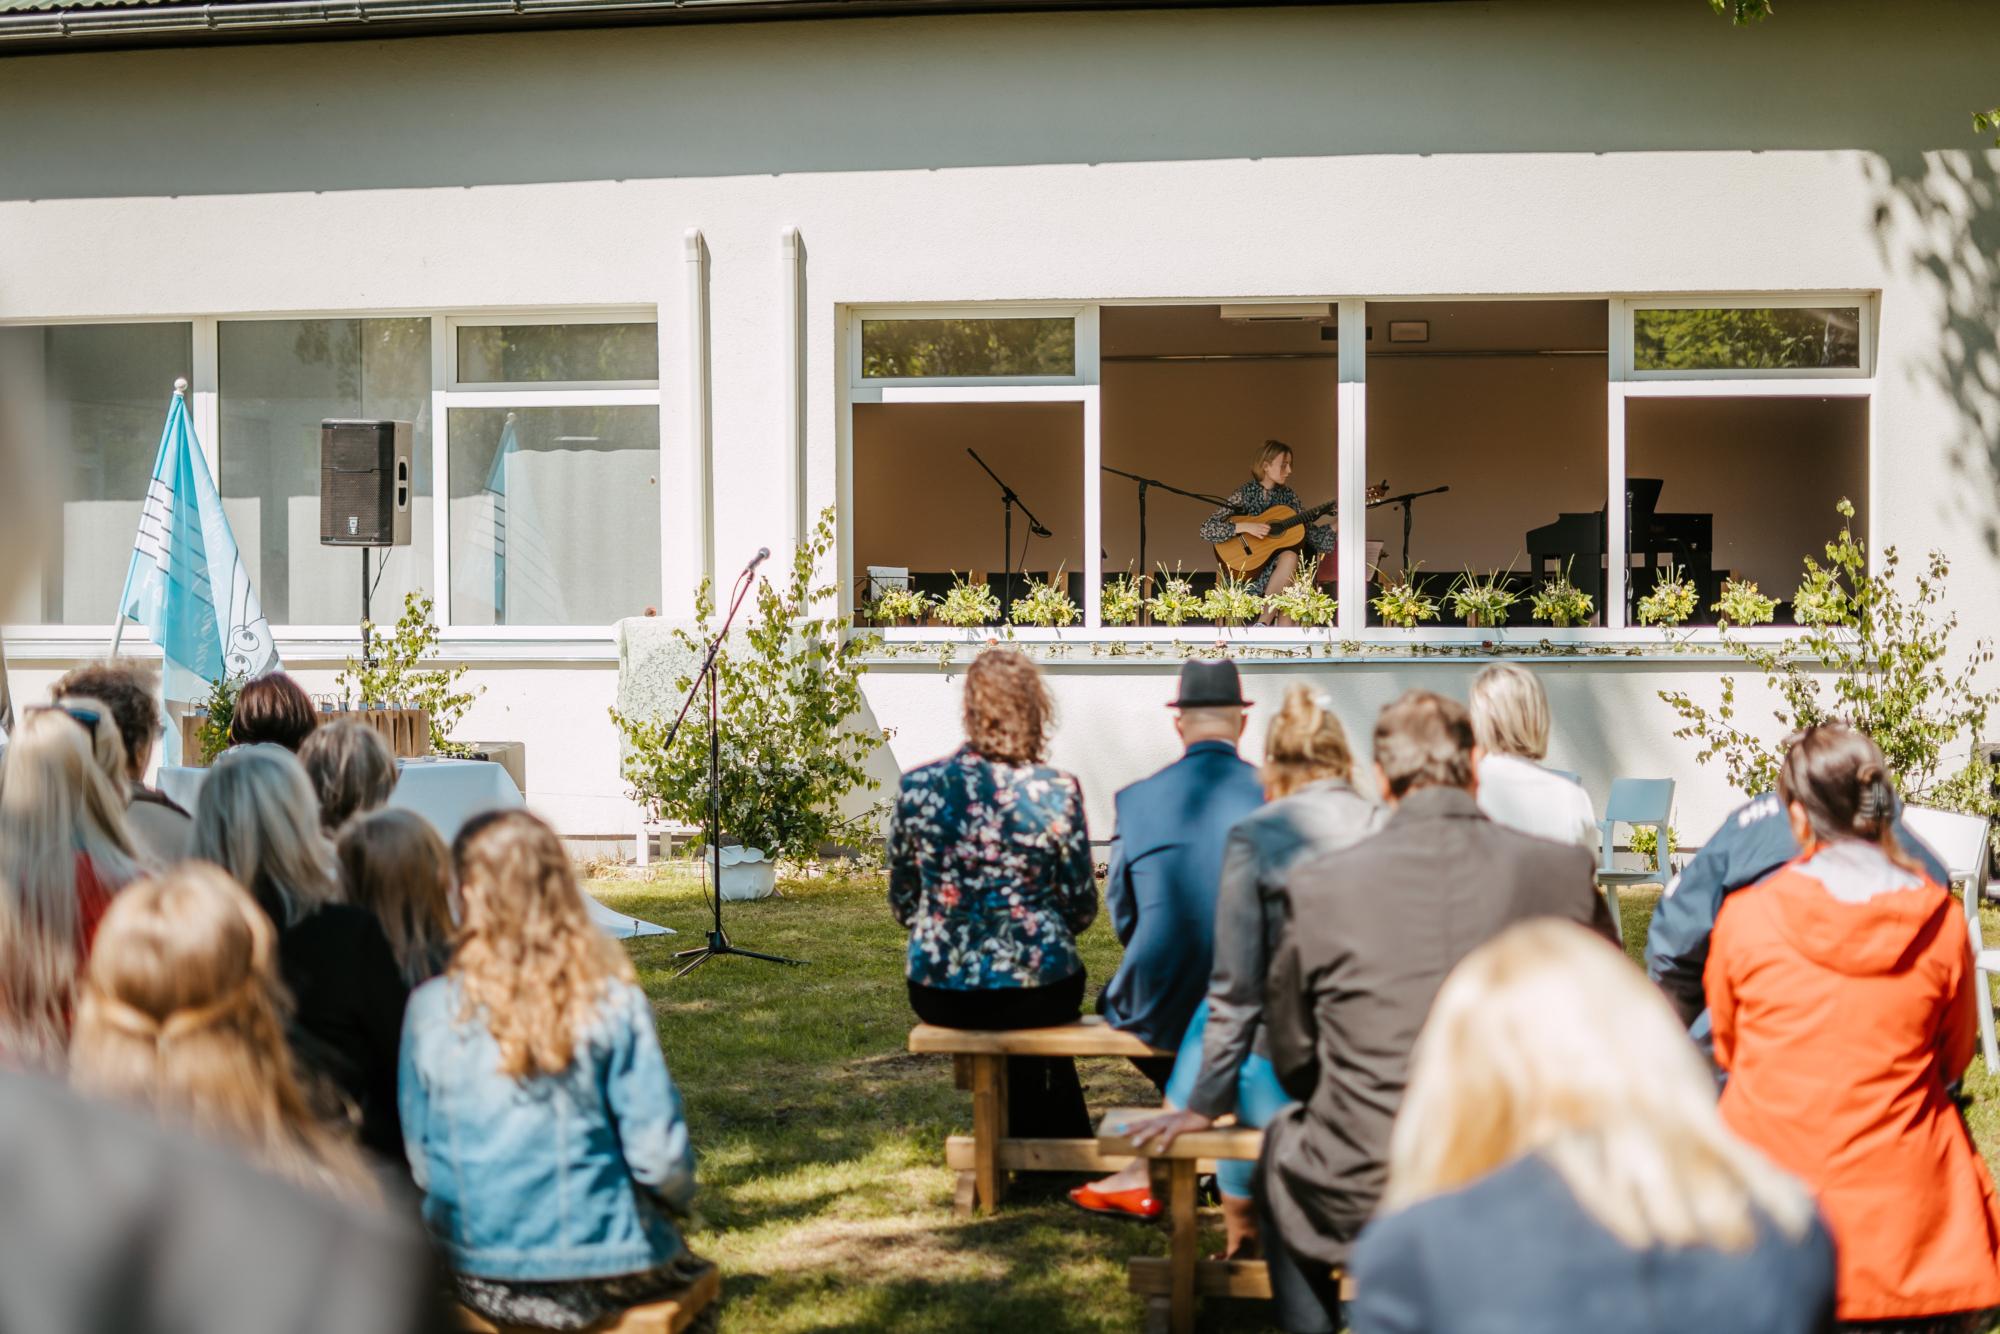 Muusikakooli lõpuaktus toimus tänavu ainulaadselt – esinejad olid saalis, kuid publik õues. Foto: Silver Raidla